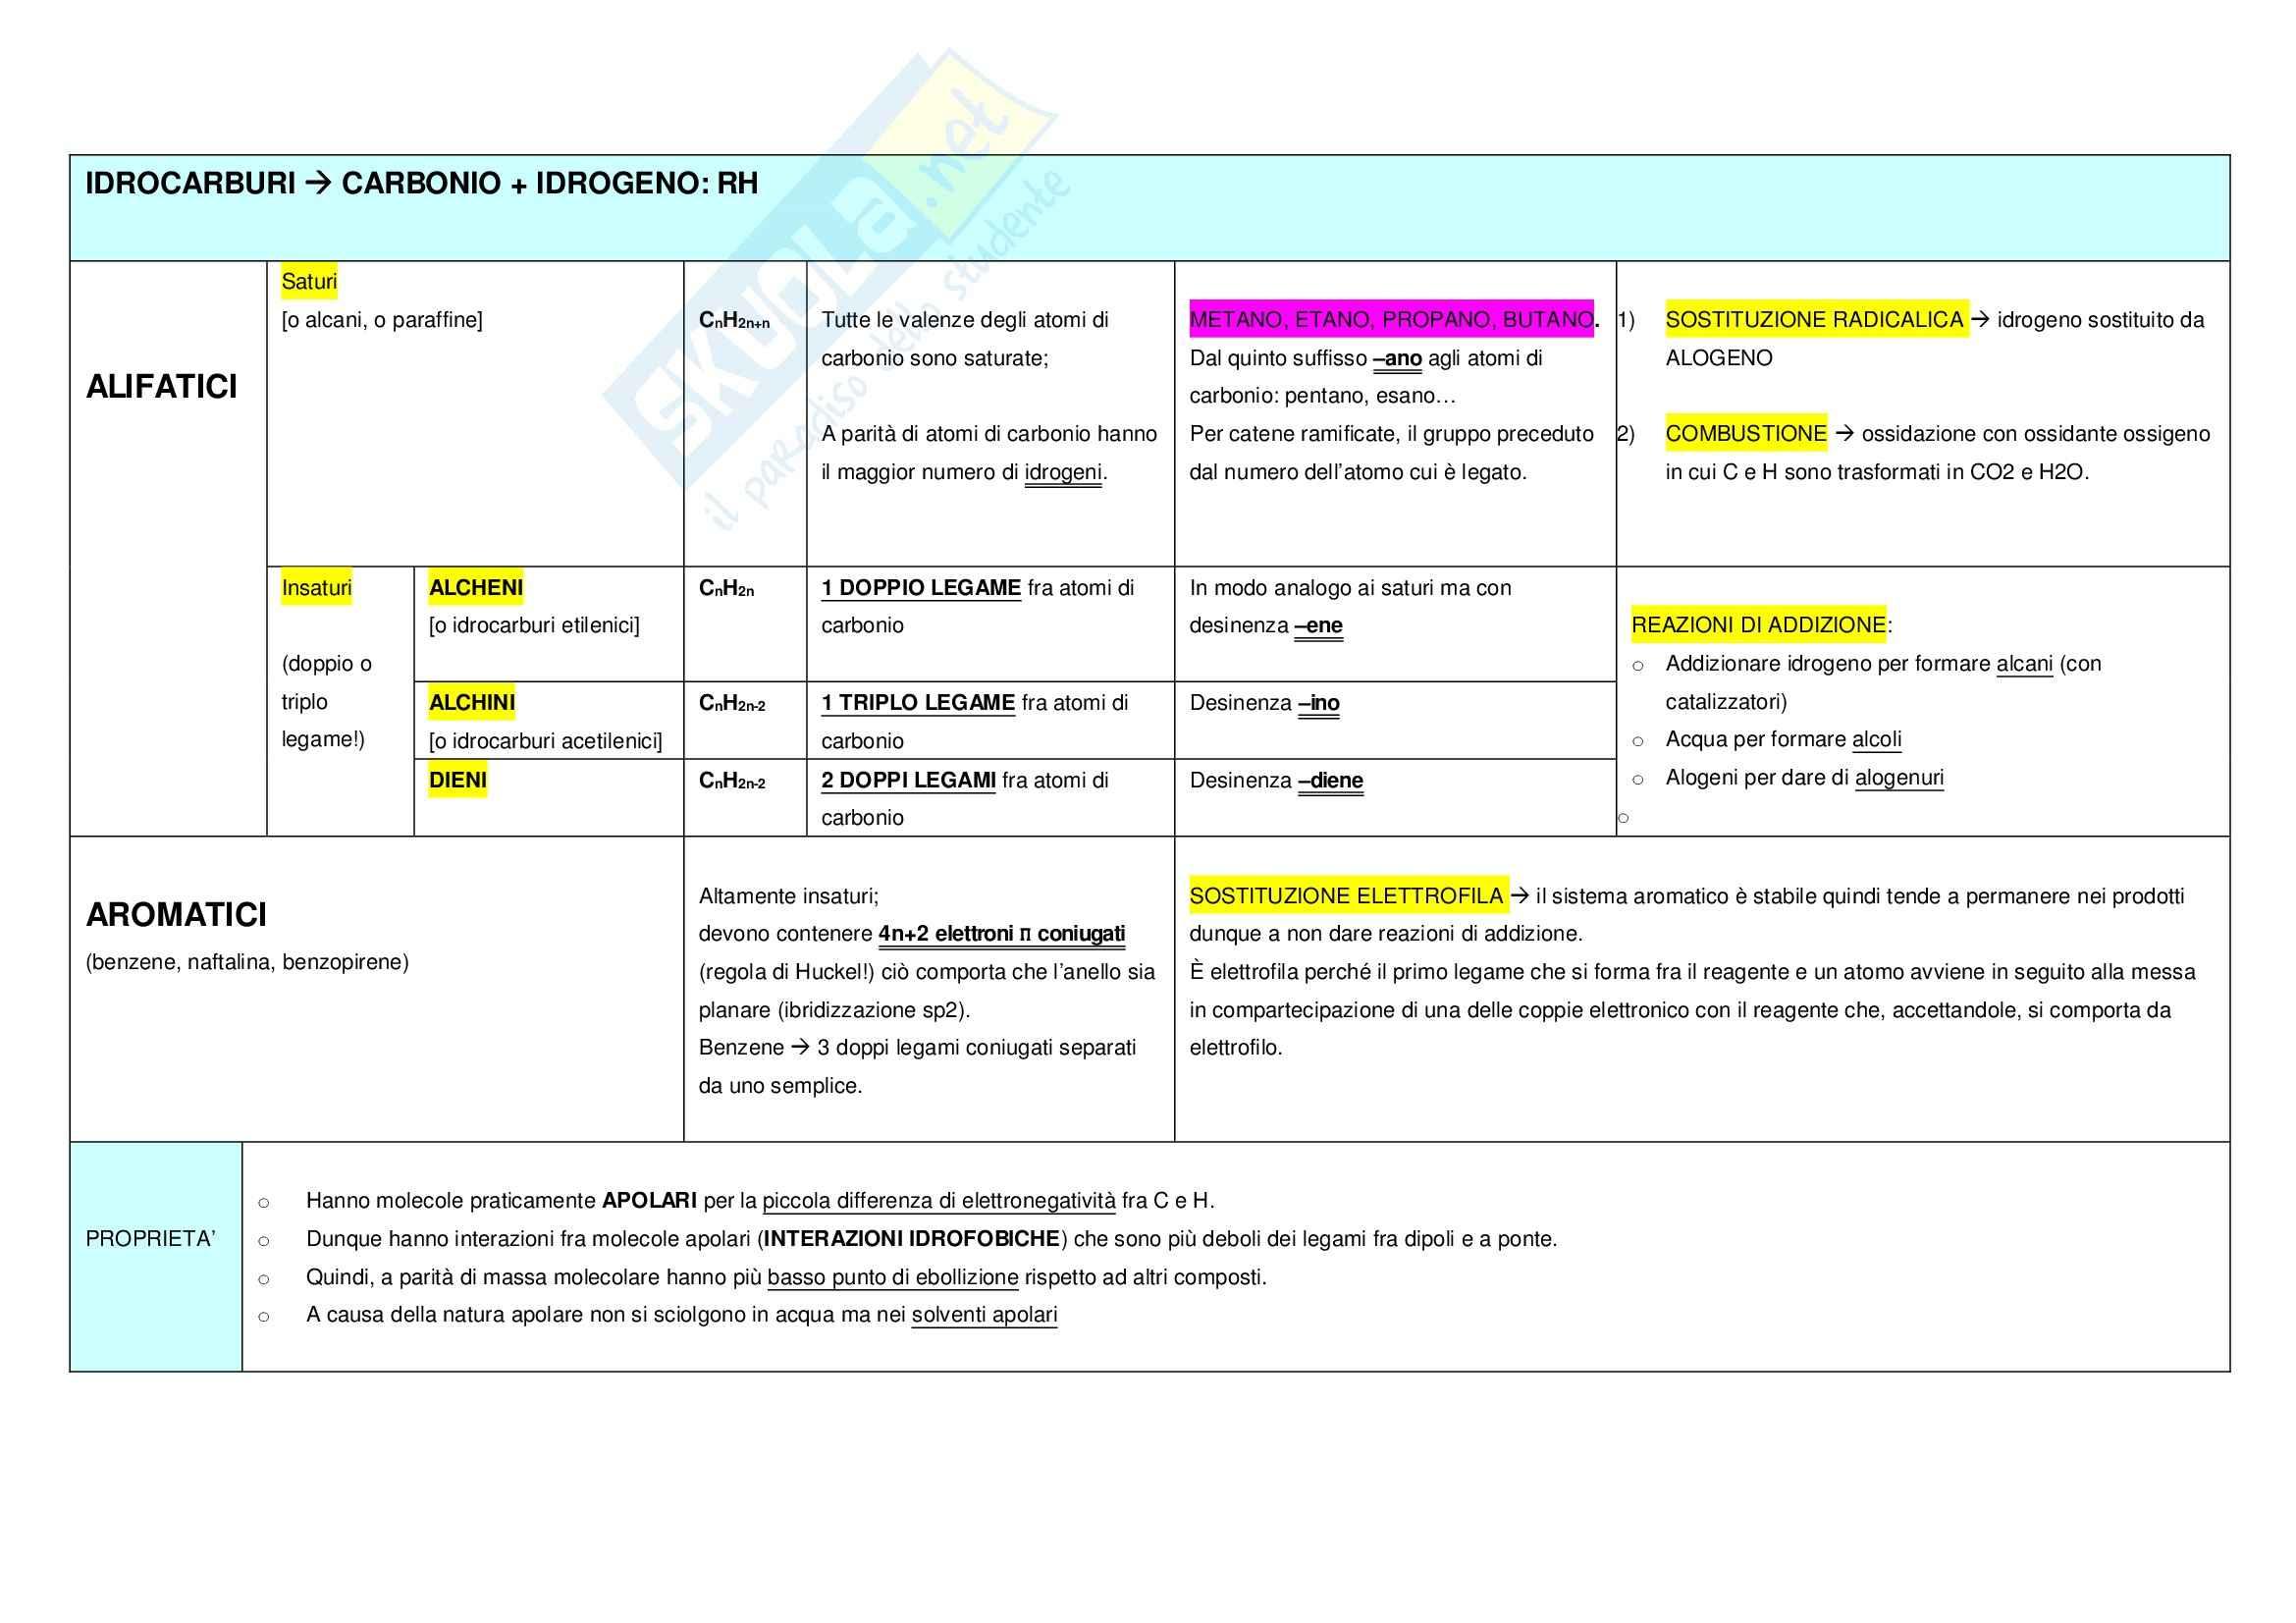 Tabelle di chimica organica per test medicina